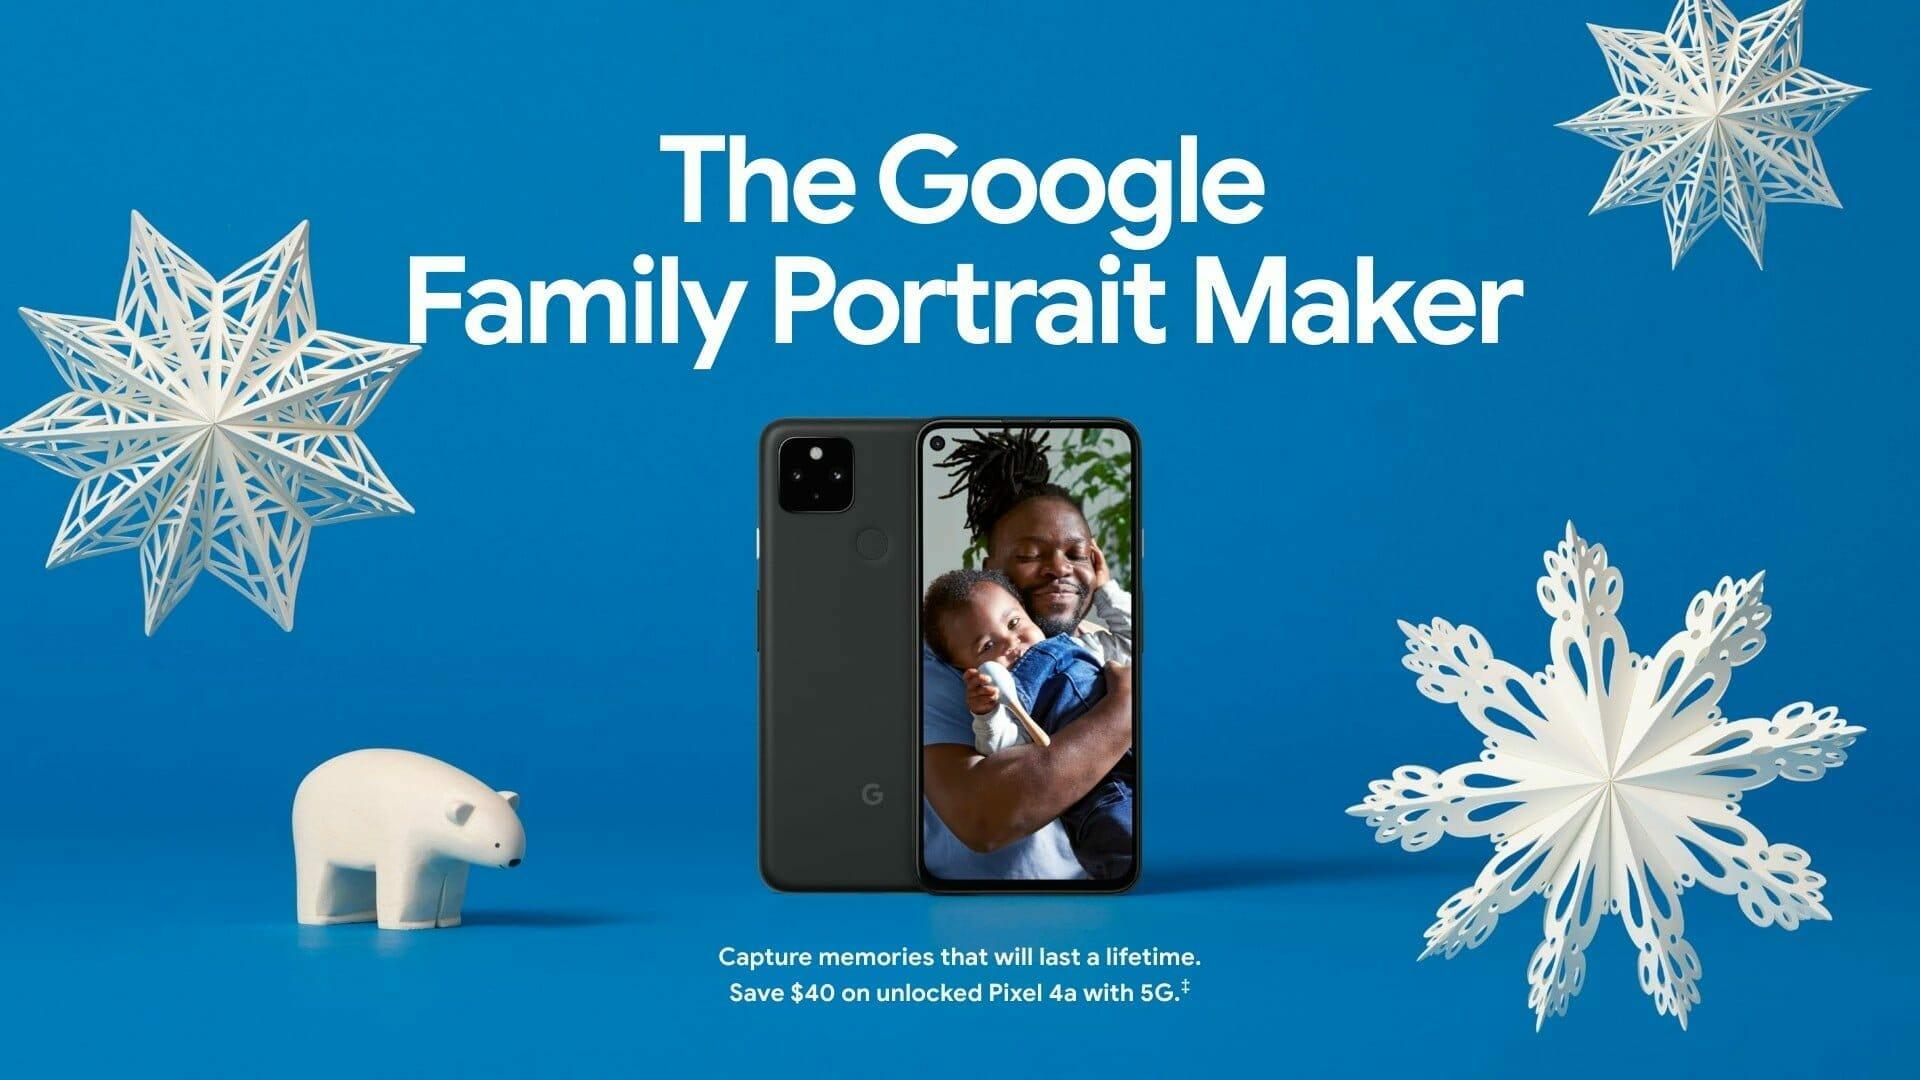 Google ホリデー デザイン:スマートフォン「Google Pixel 4a with 5G」